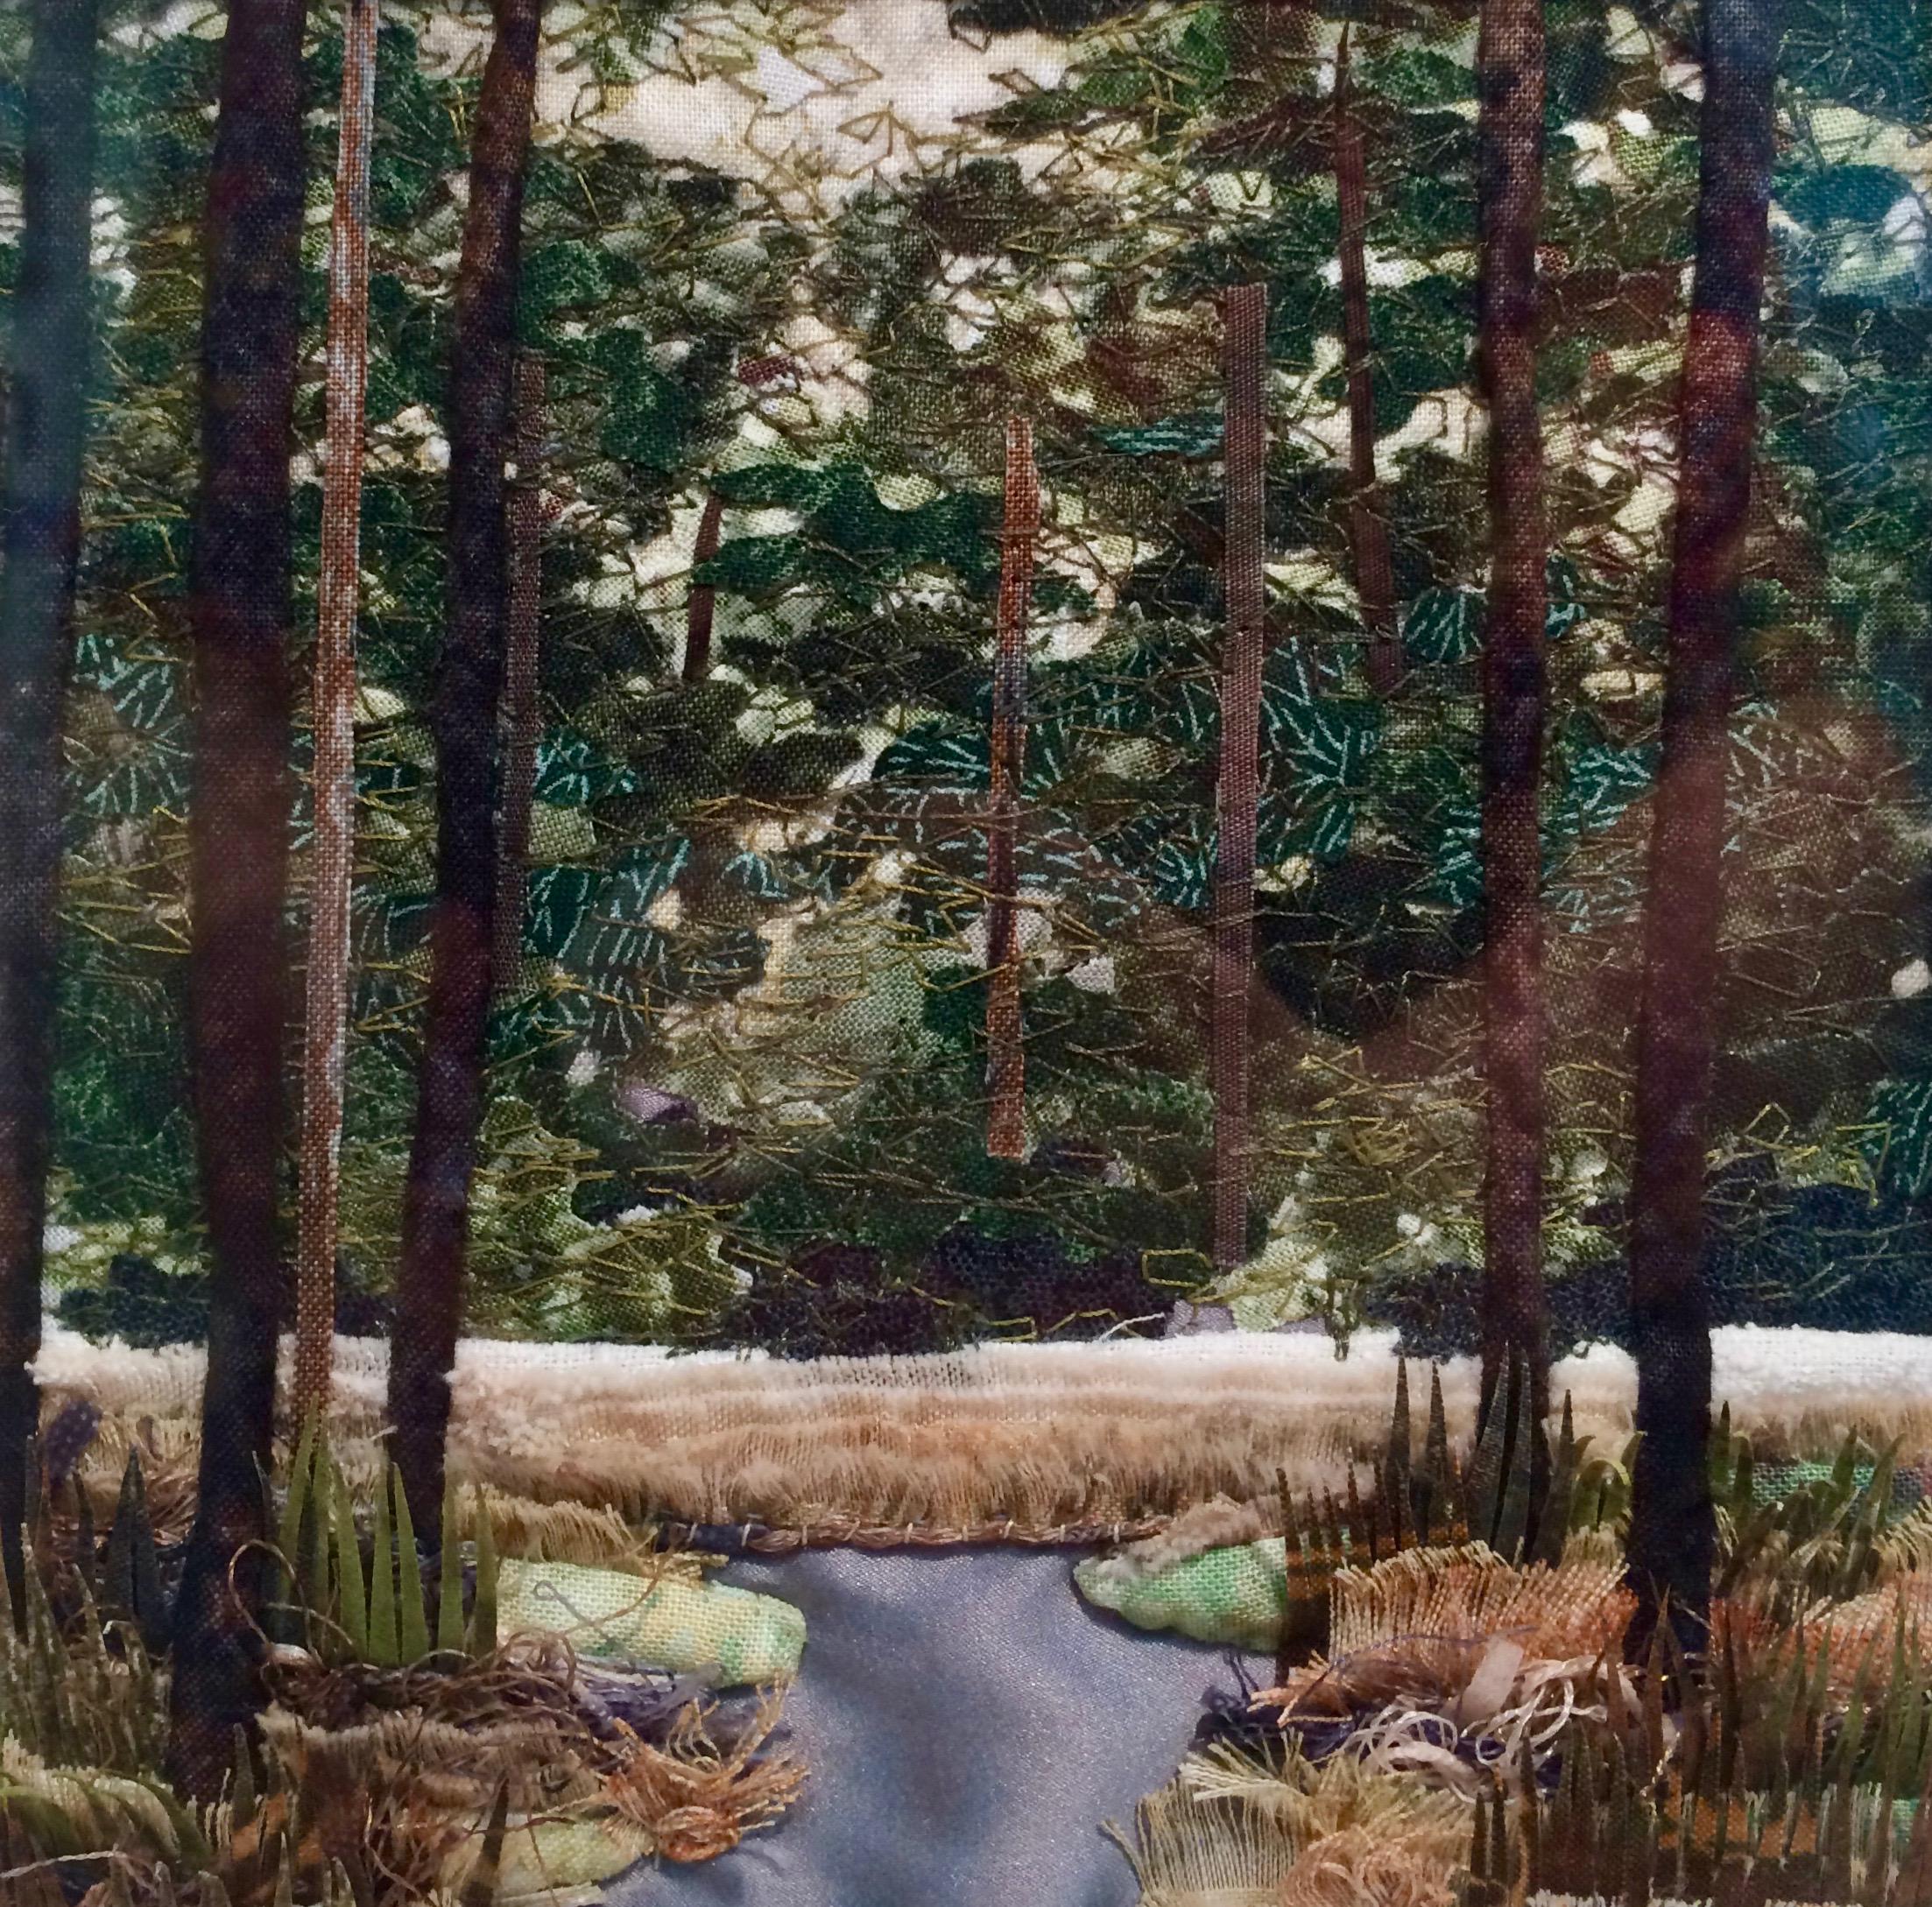 Artist Betsey Von Dreele